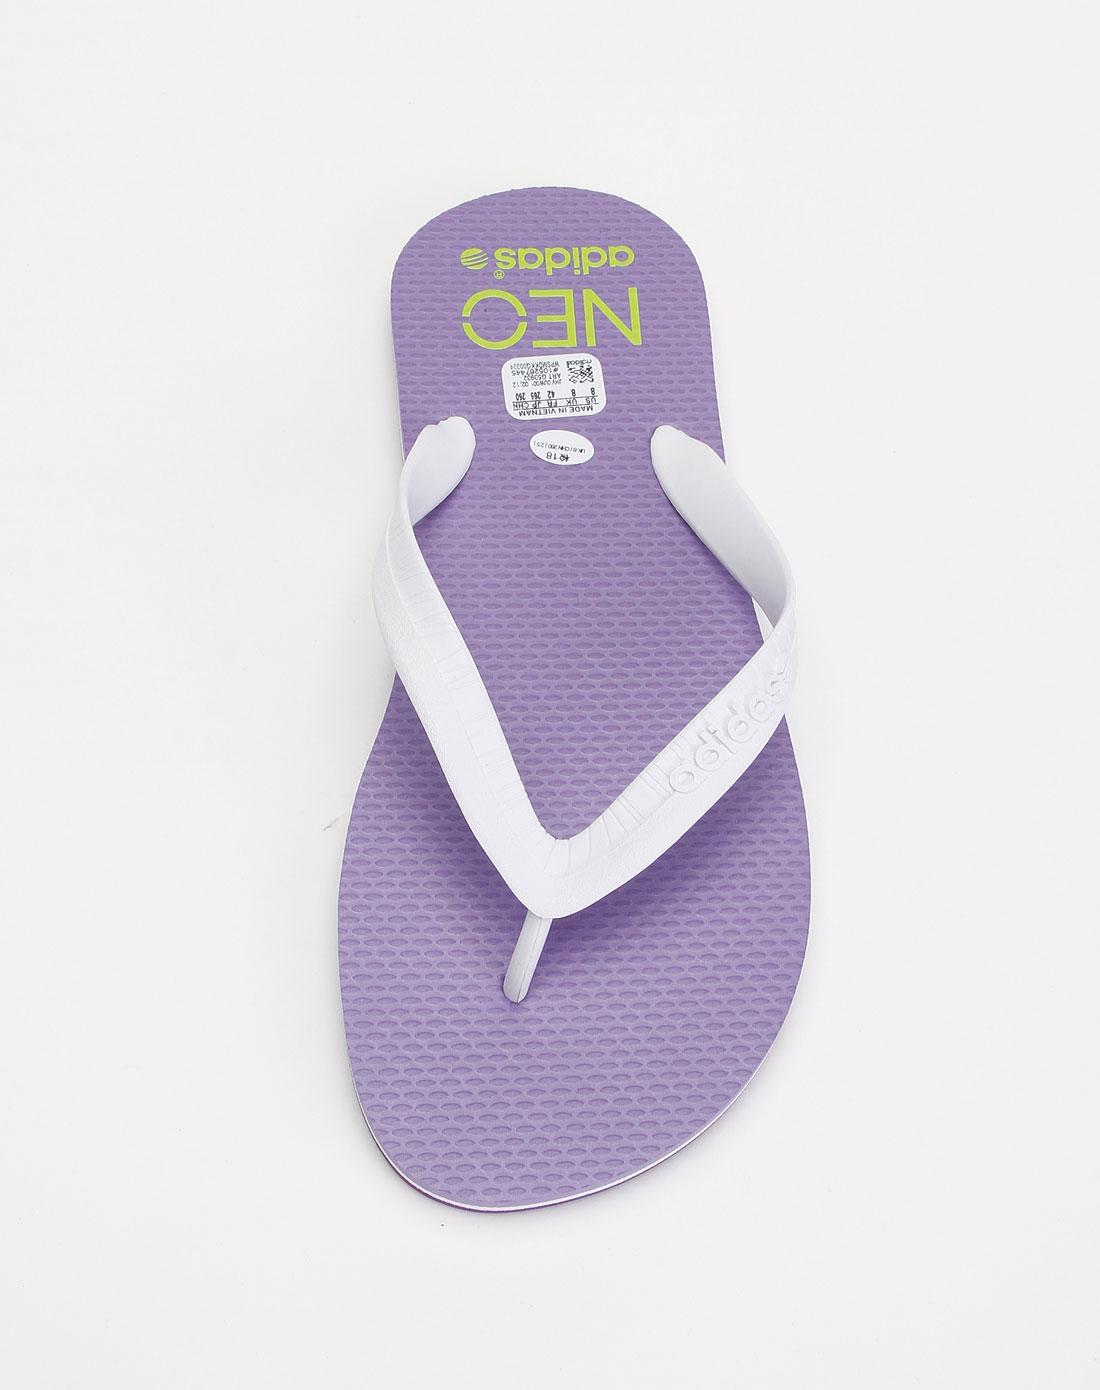 阿迪达斯adidasneo 男款白紫色人字拖鞋g53932